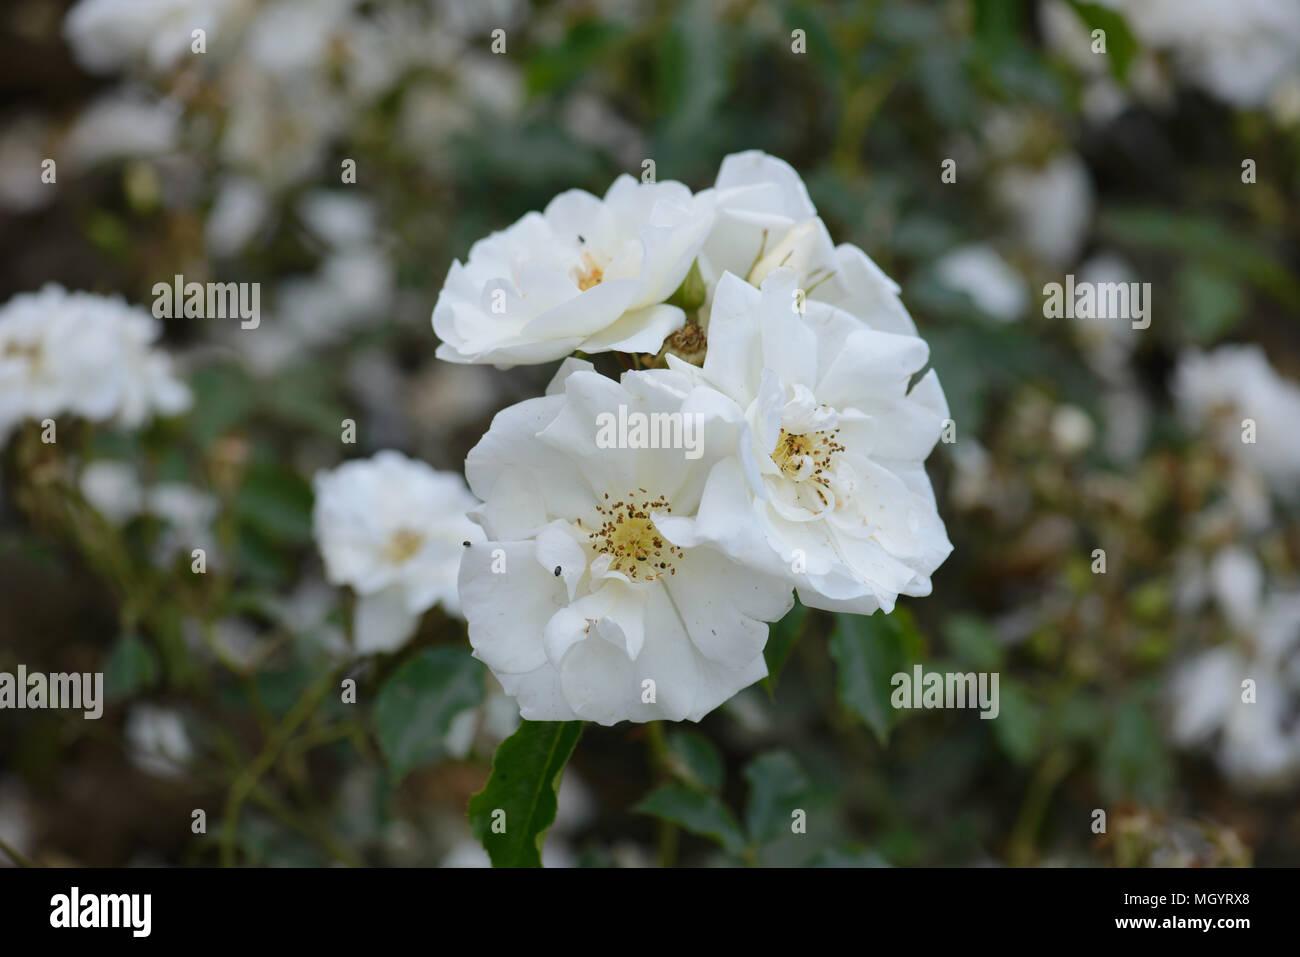 Rose Flower Carpet White Stock Photos Rose Flower Carpet White